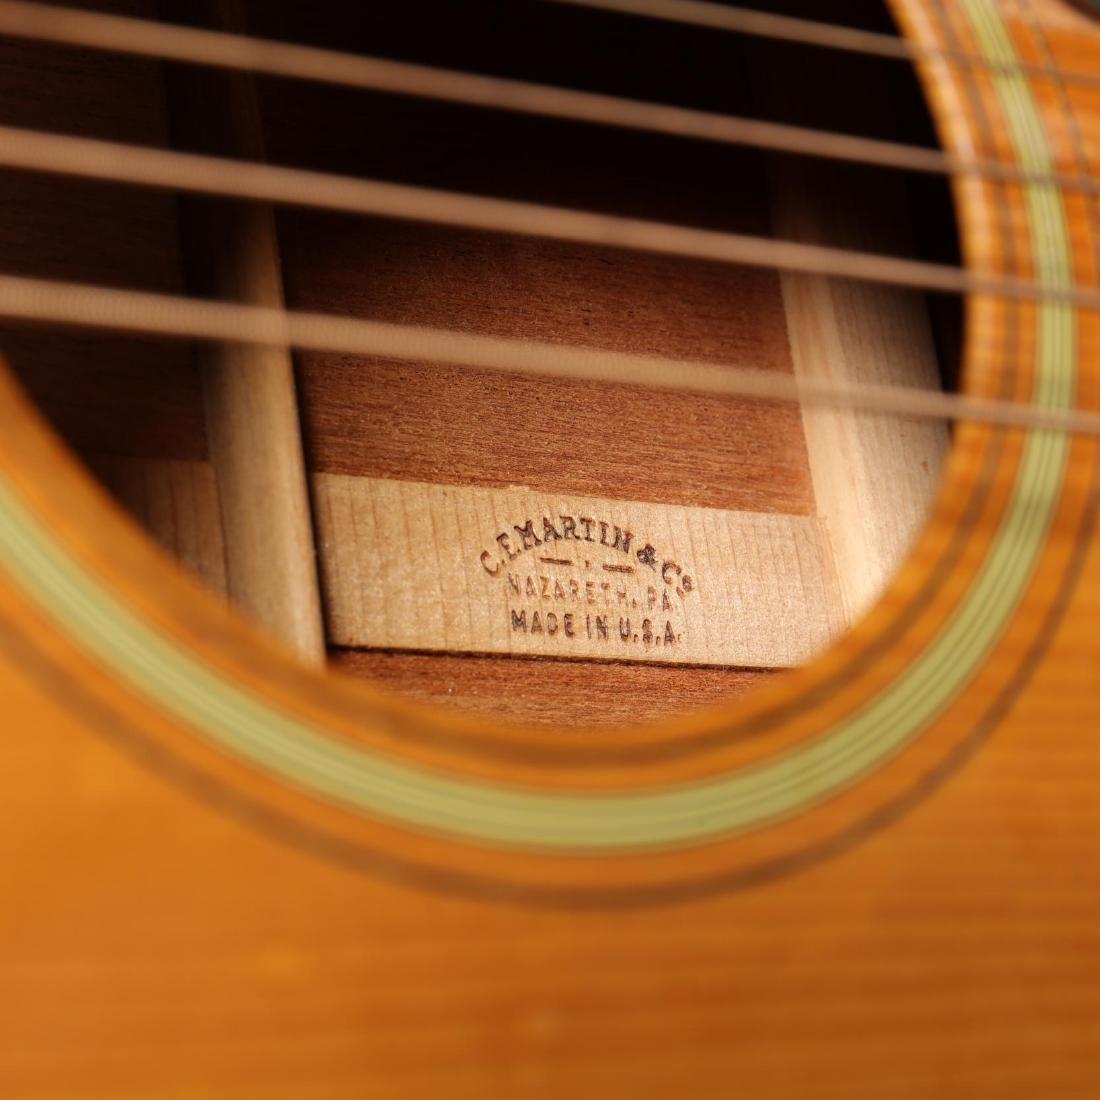 1967 Martin O-18 Flat Top Guitar - 3